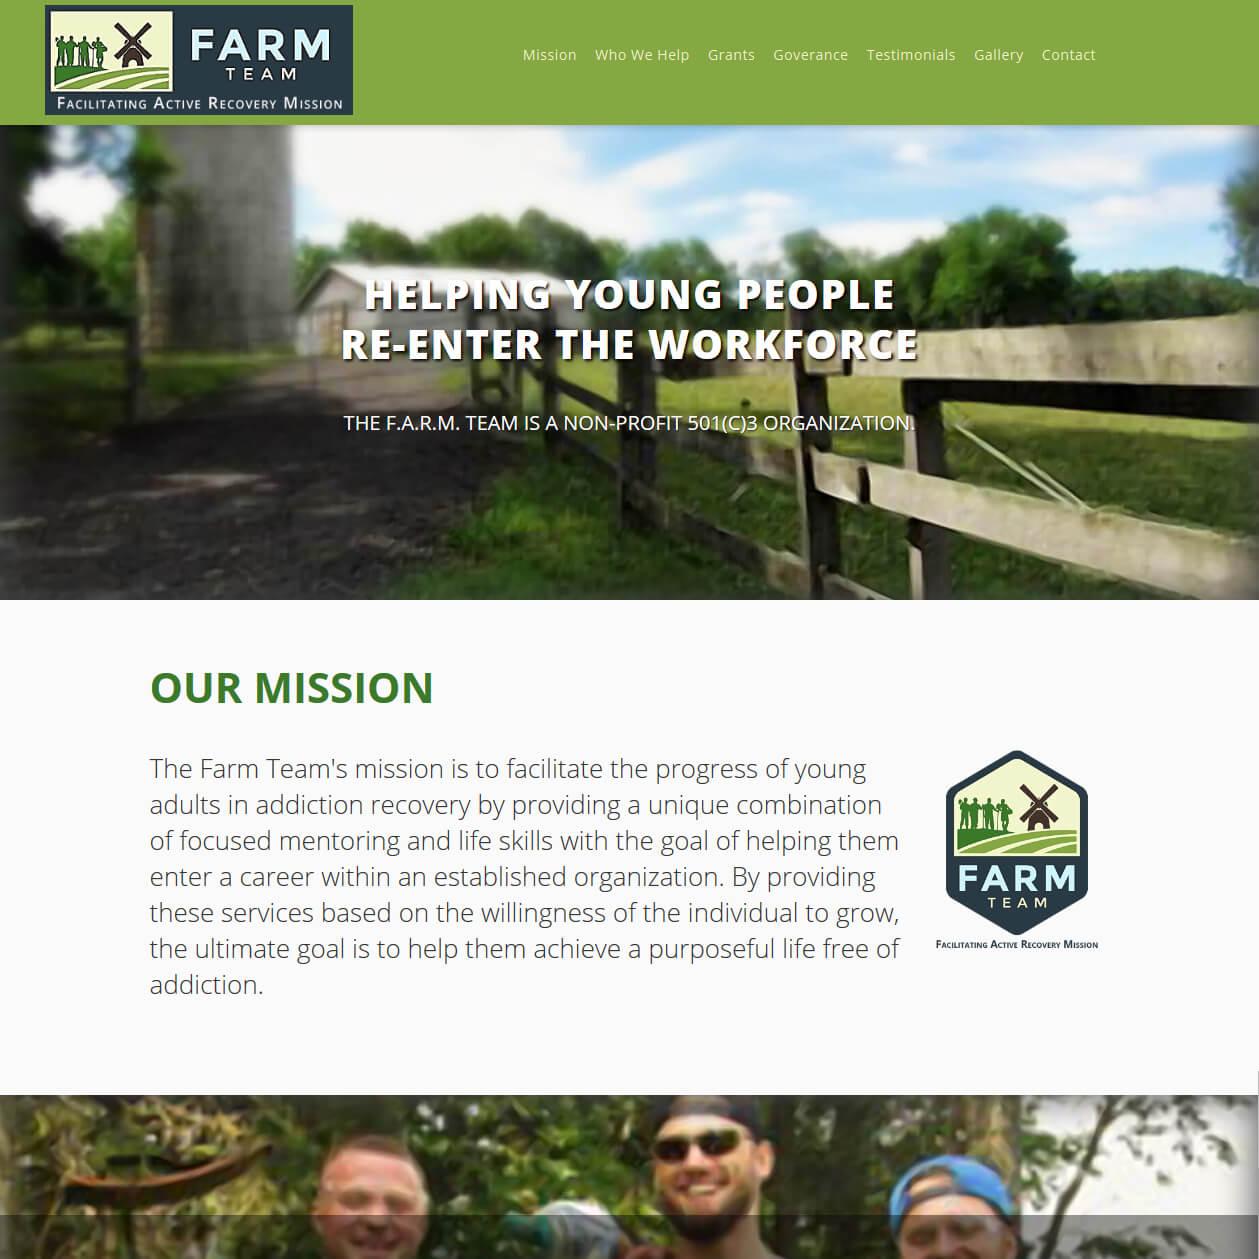 The F.A.R.M. Team Website